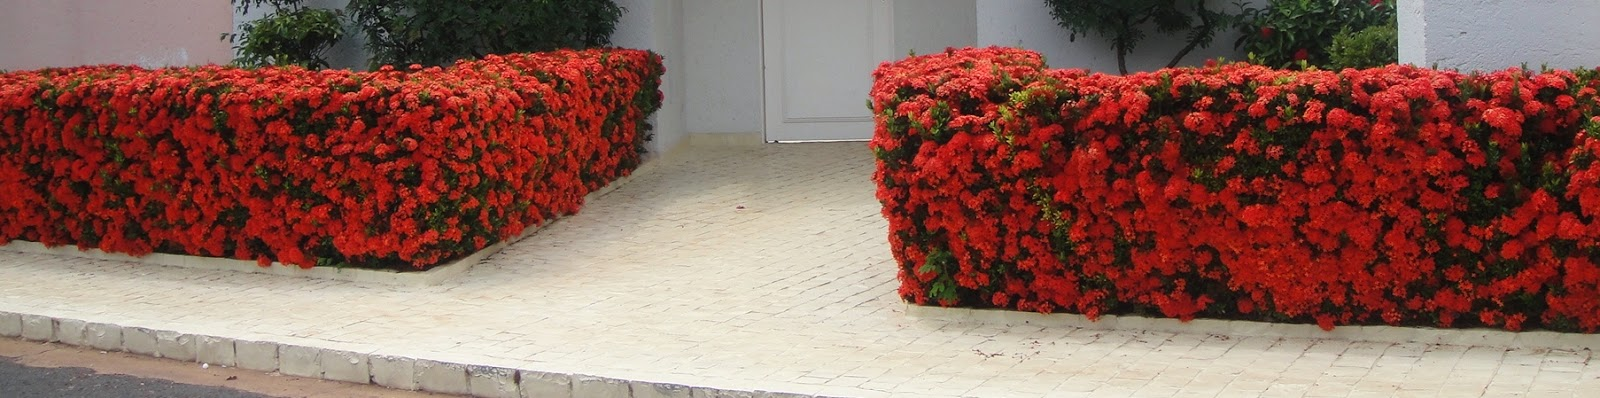 Blog da adriana alvim ixora jardim florido e protegido for Cerca b b